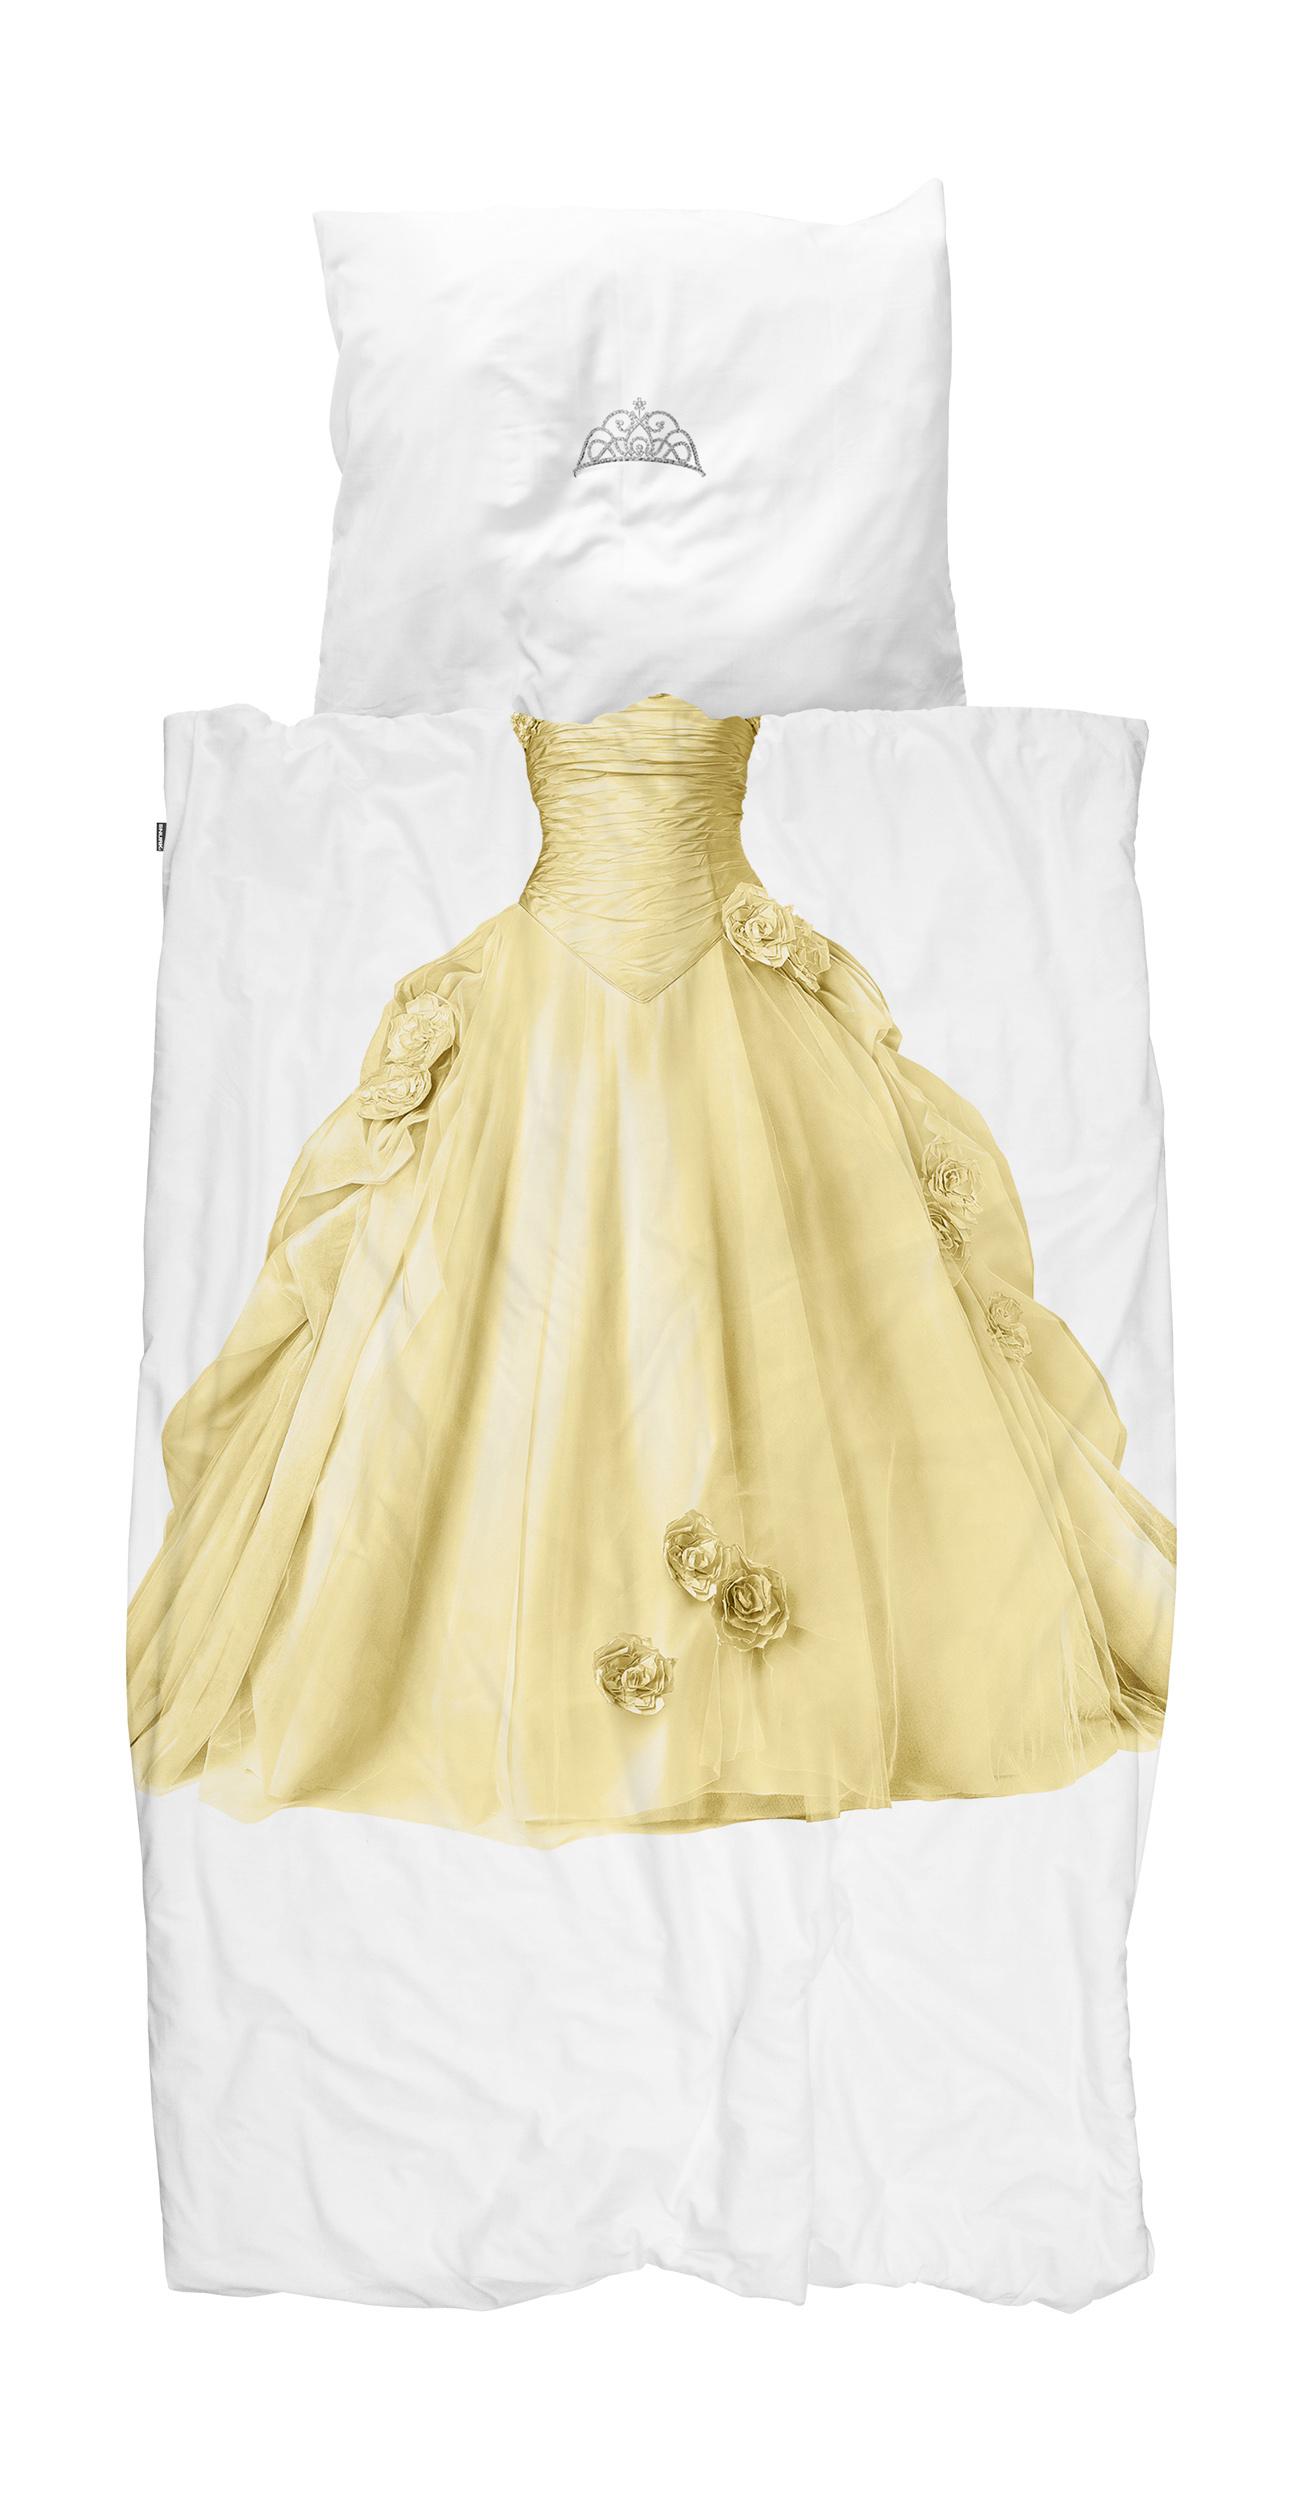 Купить Детское постельное белье Snurk, Детское Постельное белье Принцесса Цвет: Желтый (150х200 см), Нидерланды, Перкаль